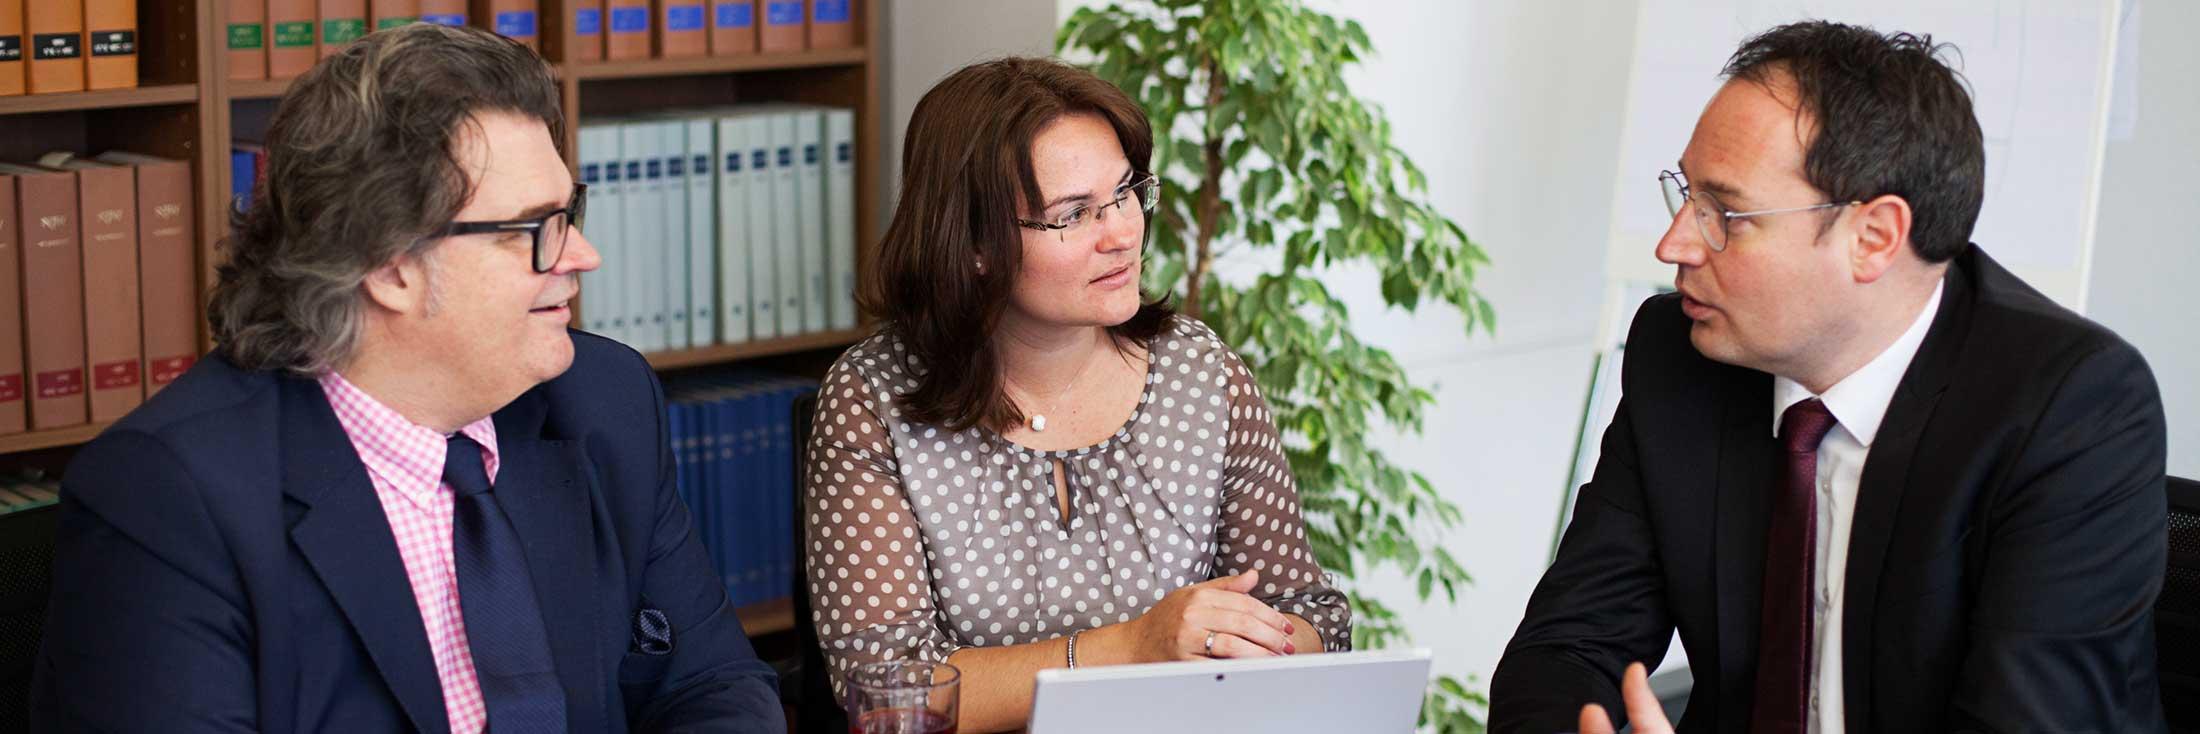 Anwaltsbüro Quirmbach & Partner, Schmerzensgeld und Schadensersatz nach Unfall oder Behandlungsfehler